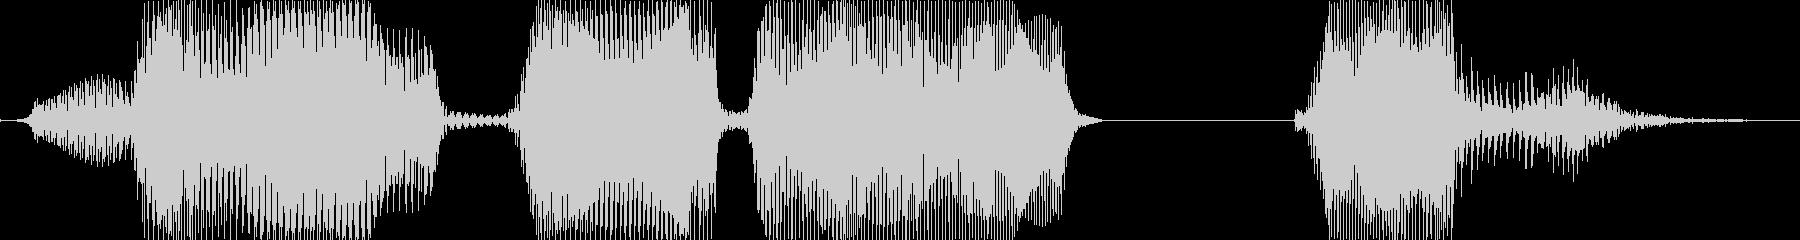 レベルアップ♪の未再生の波形